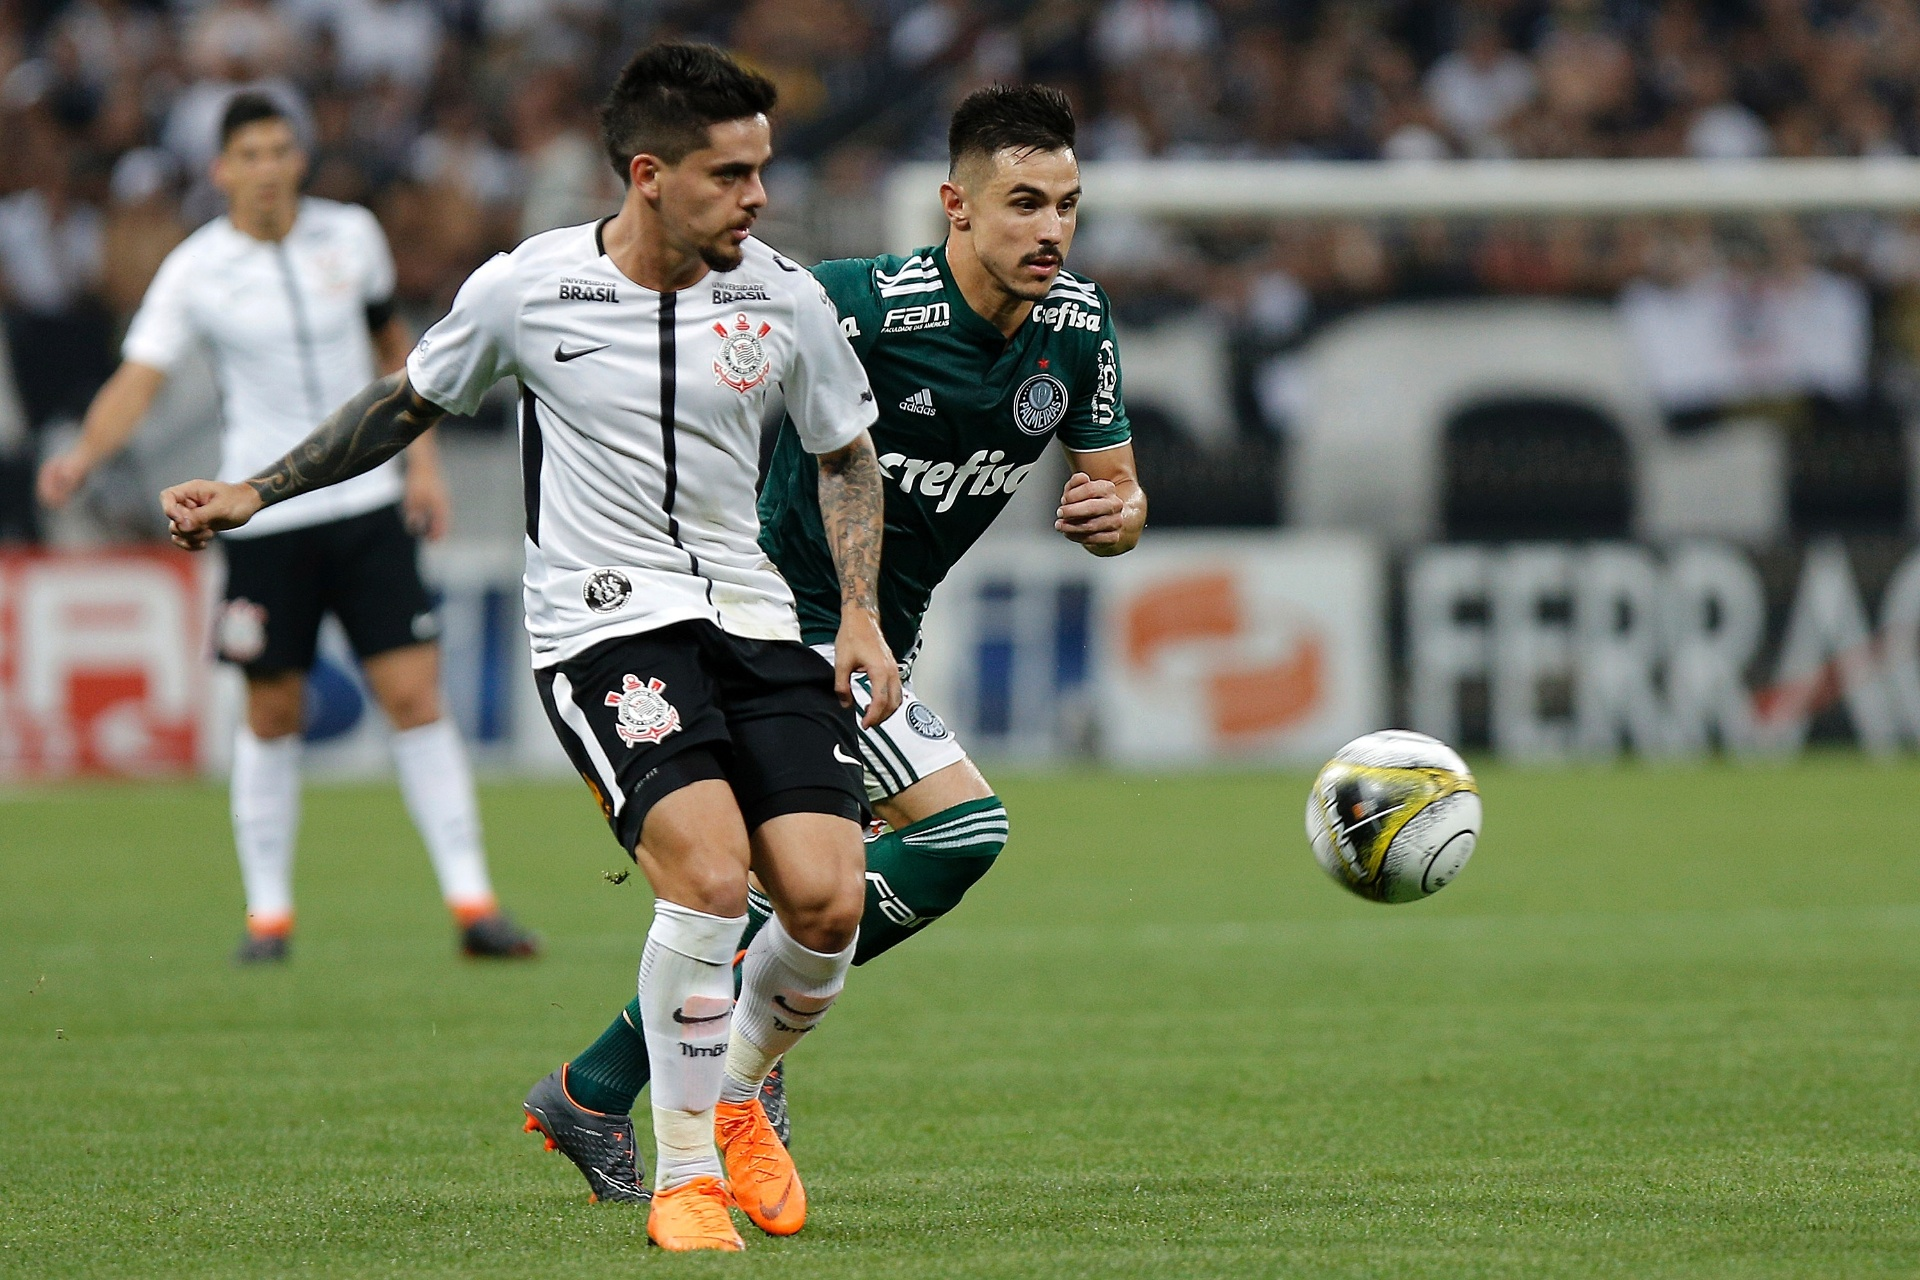 07b707bfa2 Corinthians aposta em mística para conseguir virada inédita em sua história  - 01 04 2018 - UOL Esporte